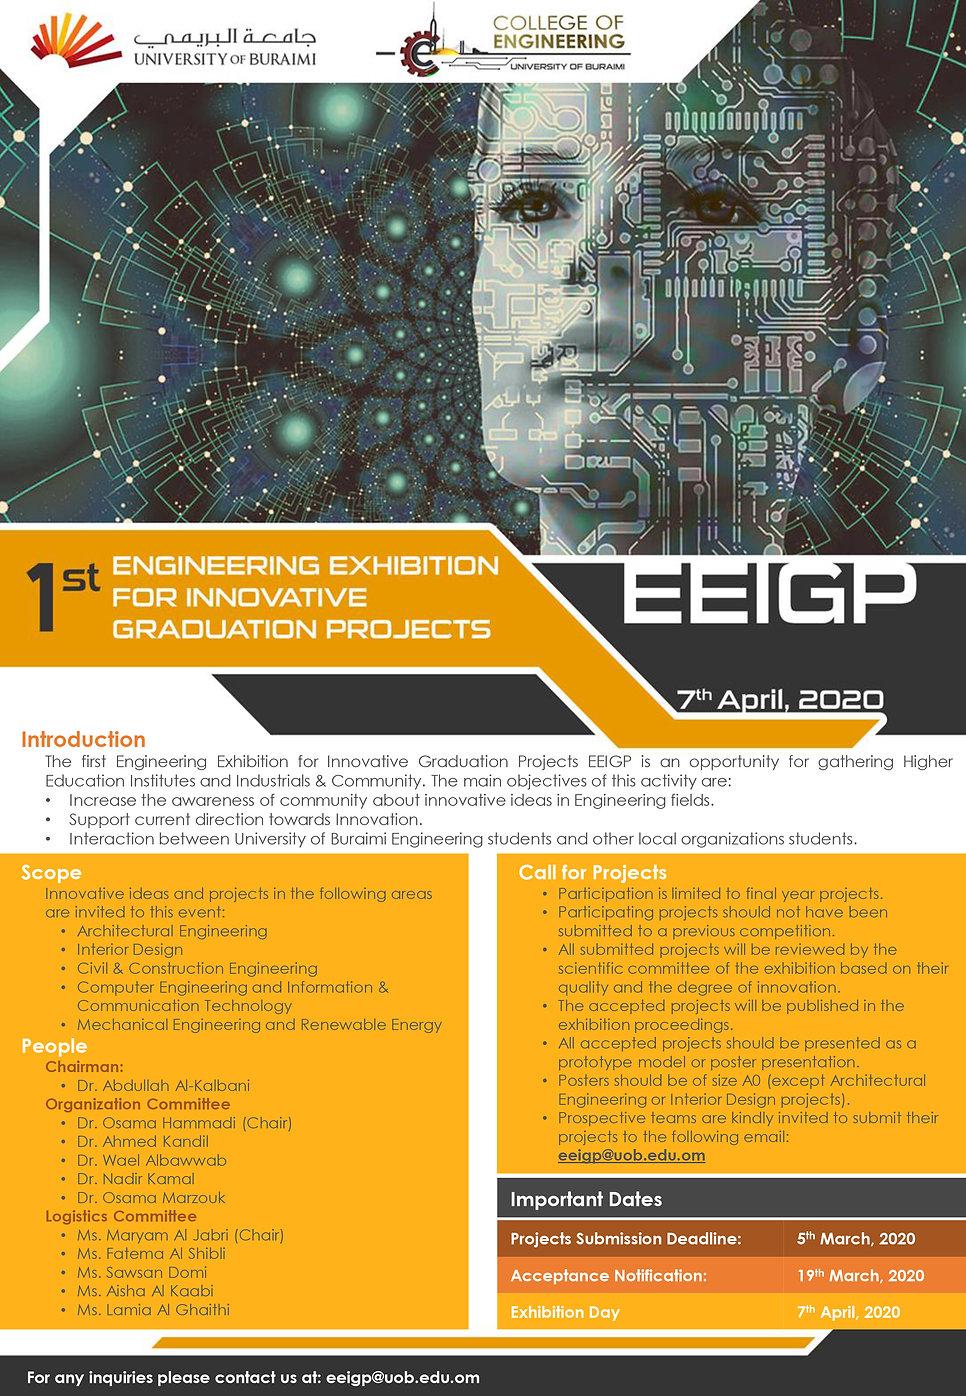 EEIGP UoB2020.jpg